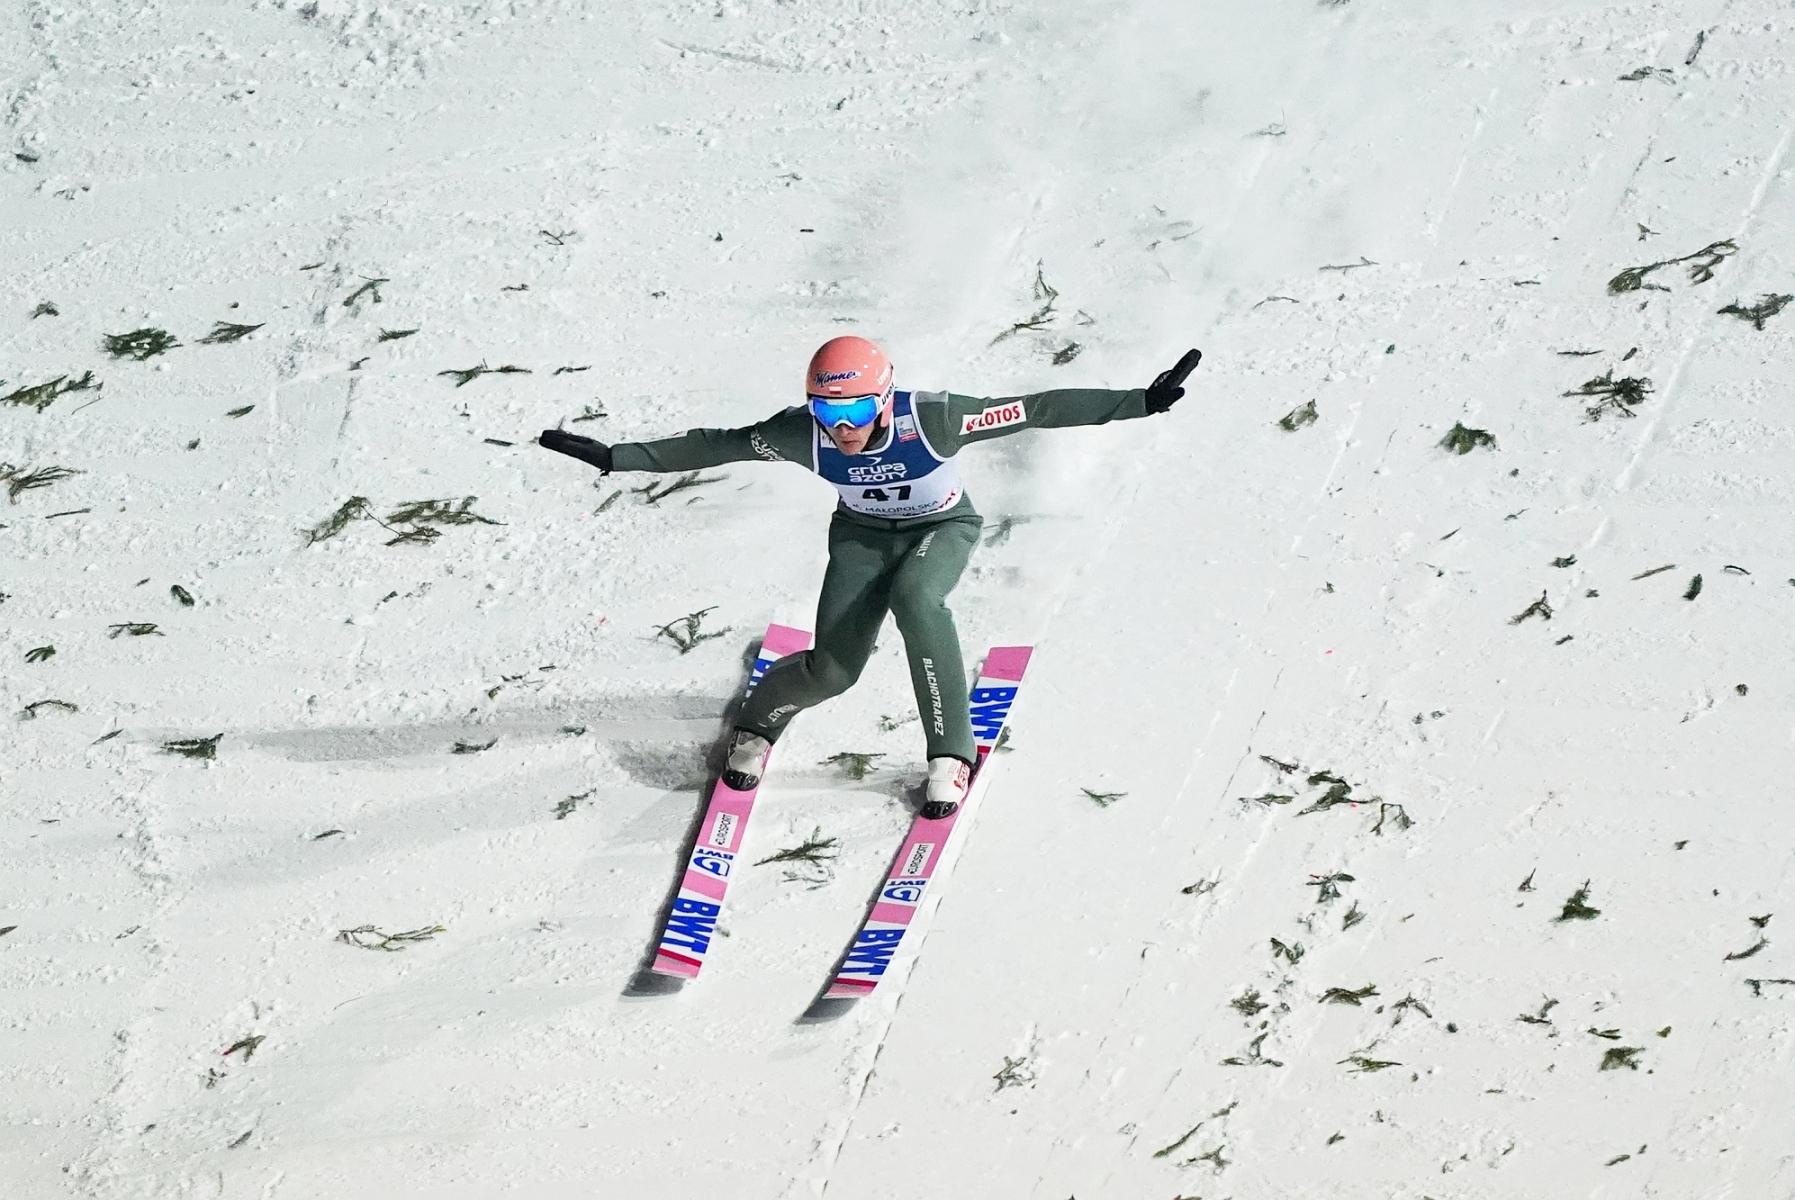 Puchar Swiata Zakopane 2021 konkurs indywidualny fotJuliaPiatkowska 77 - PŚ Klingenthal: Granerud zdominował treningi, Kubacki i Żyła najwyżej z Polaków